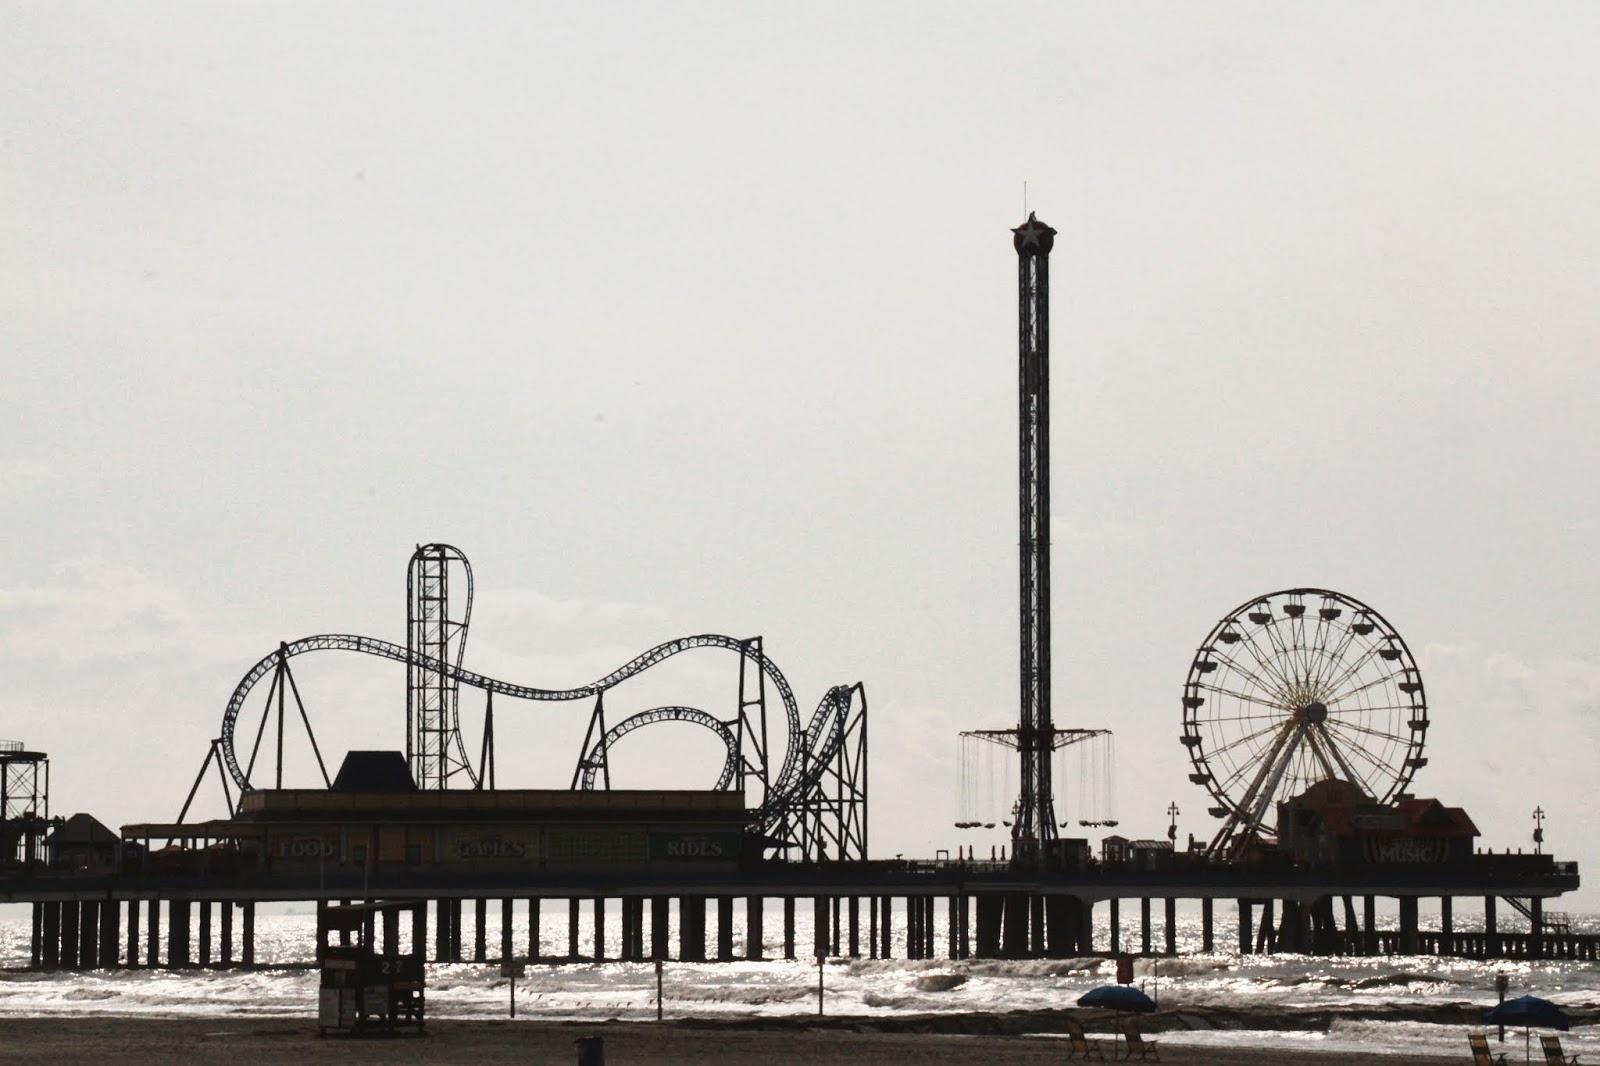 Galveston Island Pleasure Pier today, Pleasure Pier, Things to do in Galveston, family activities in Galveston, visit Galveston